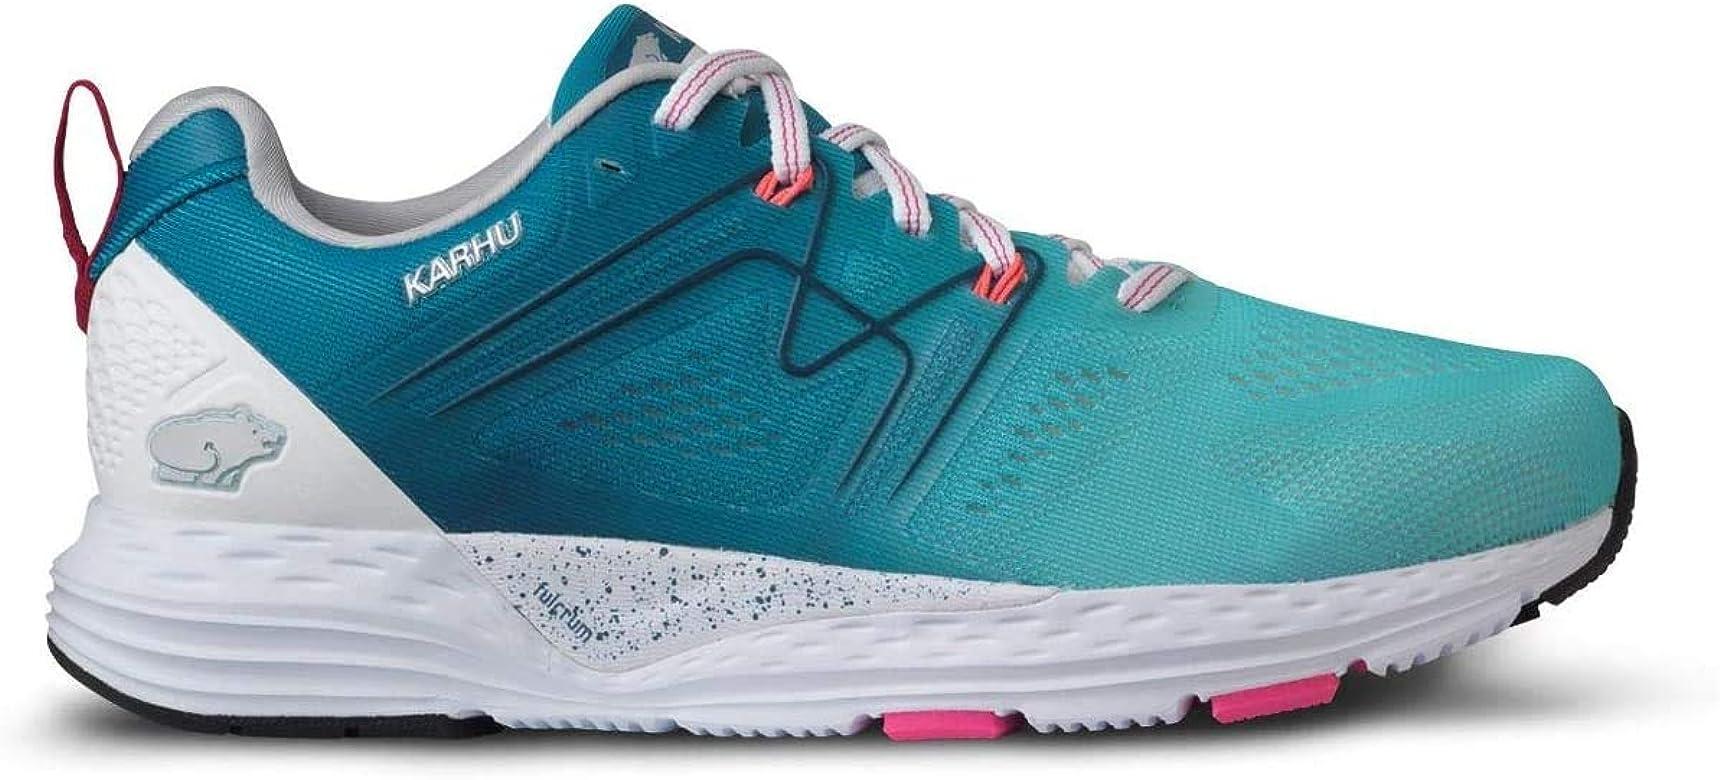 Karhu Fusion Ortix - Zapatillas de Correr para Mujer, diseño de Mosaico, Color Azul: Amazon.es: Zapatos y complementos